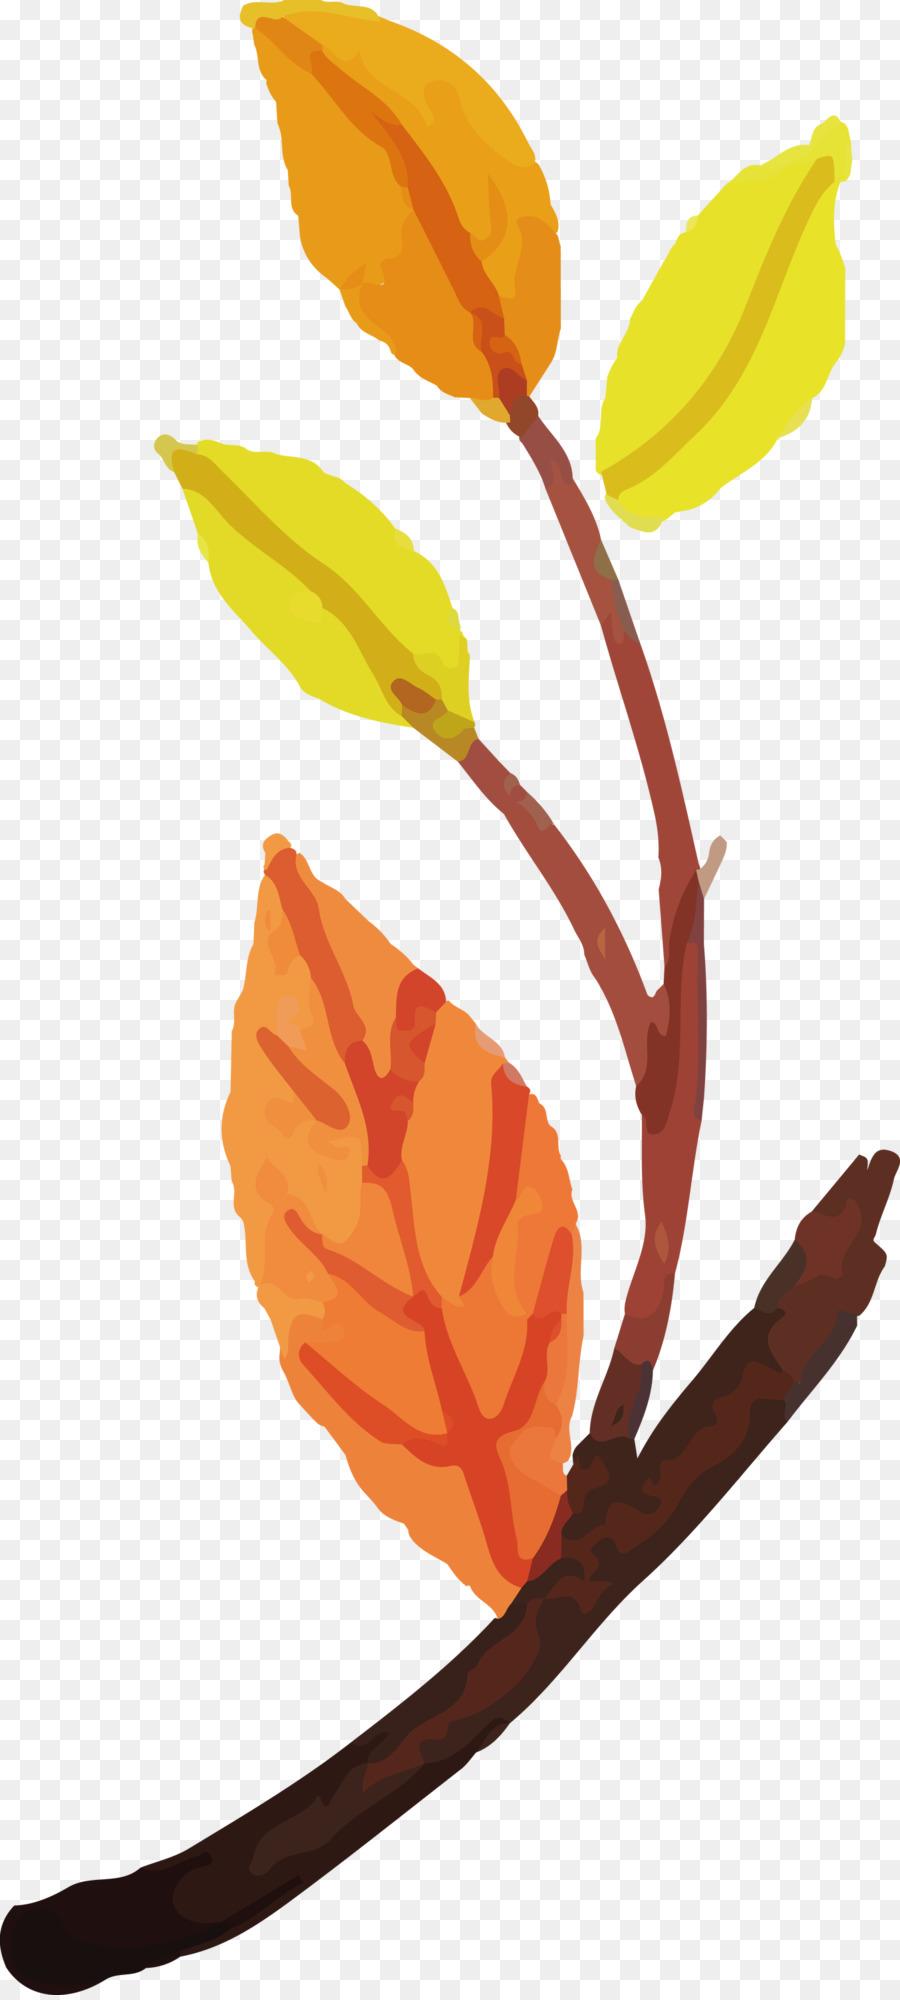 Descarga gratuita de Tallo De La Planta, Hoja, Pétalo Imágen de Png